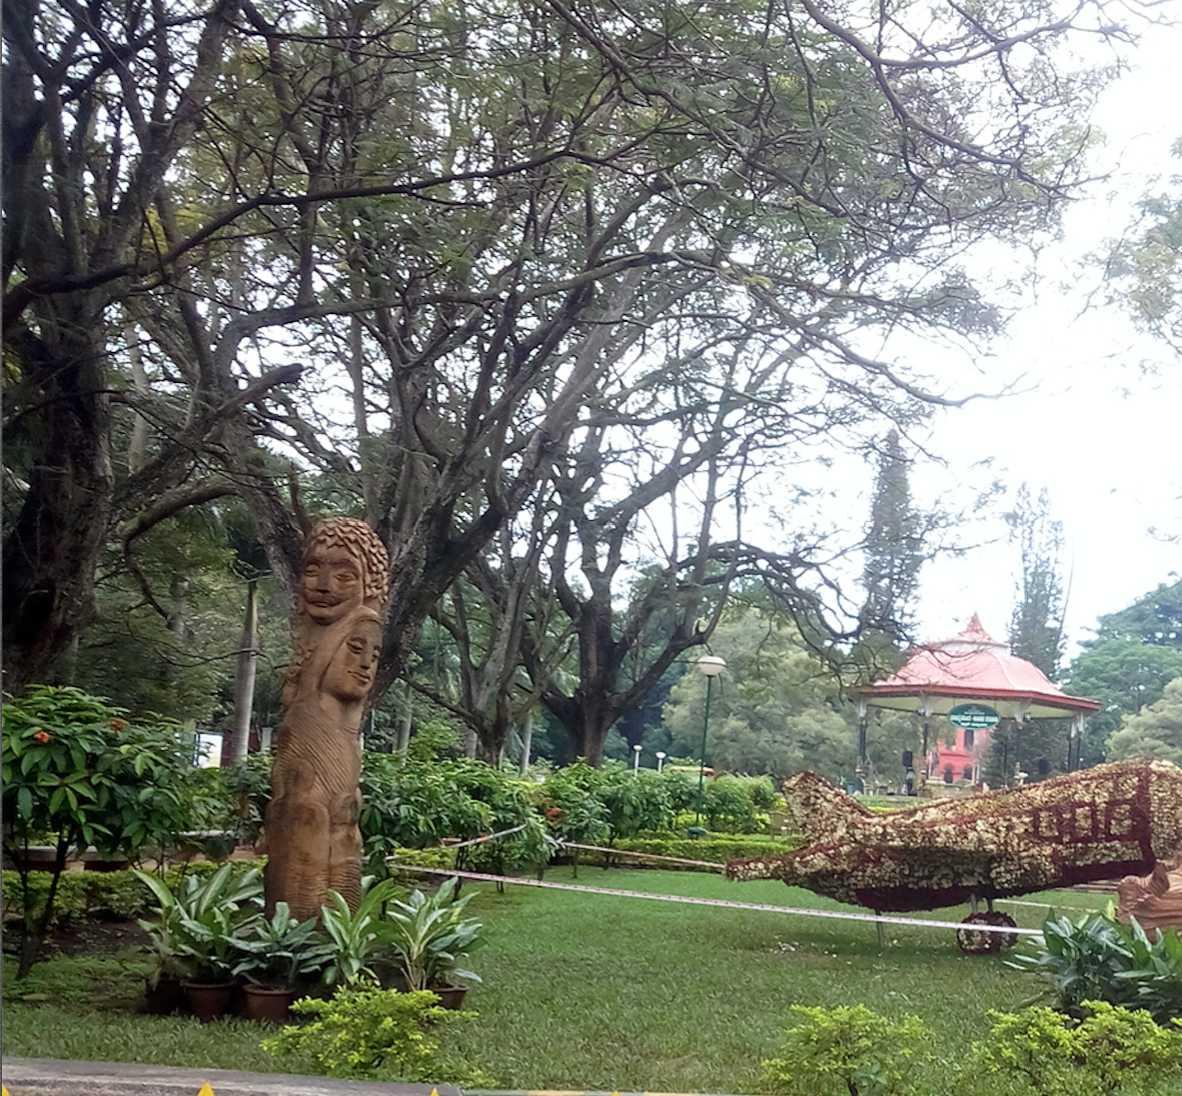 Cubbon Park in Bangalore